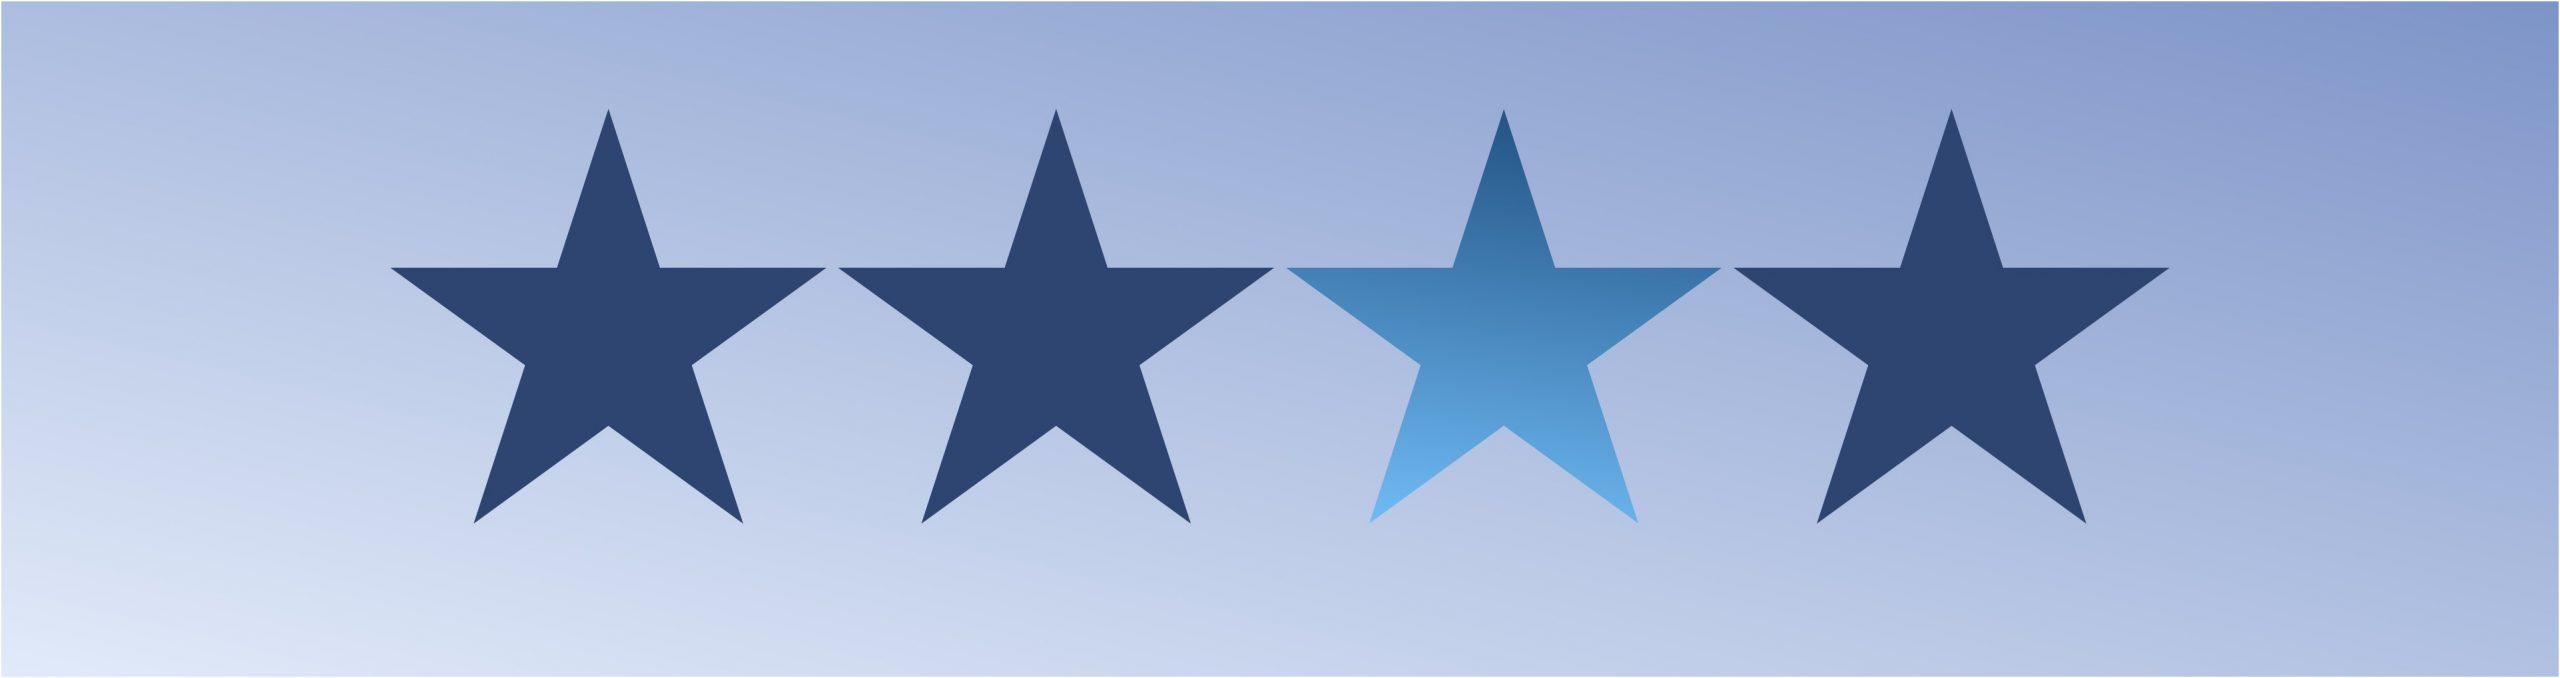 Fundo azul e 4 estrelas mostrando o controle do vocabulário no gerenciamento da informação.